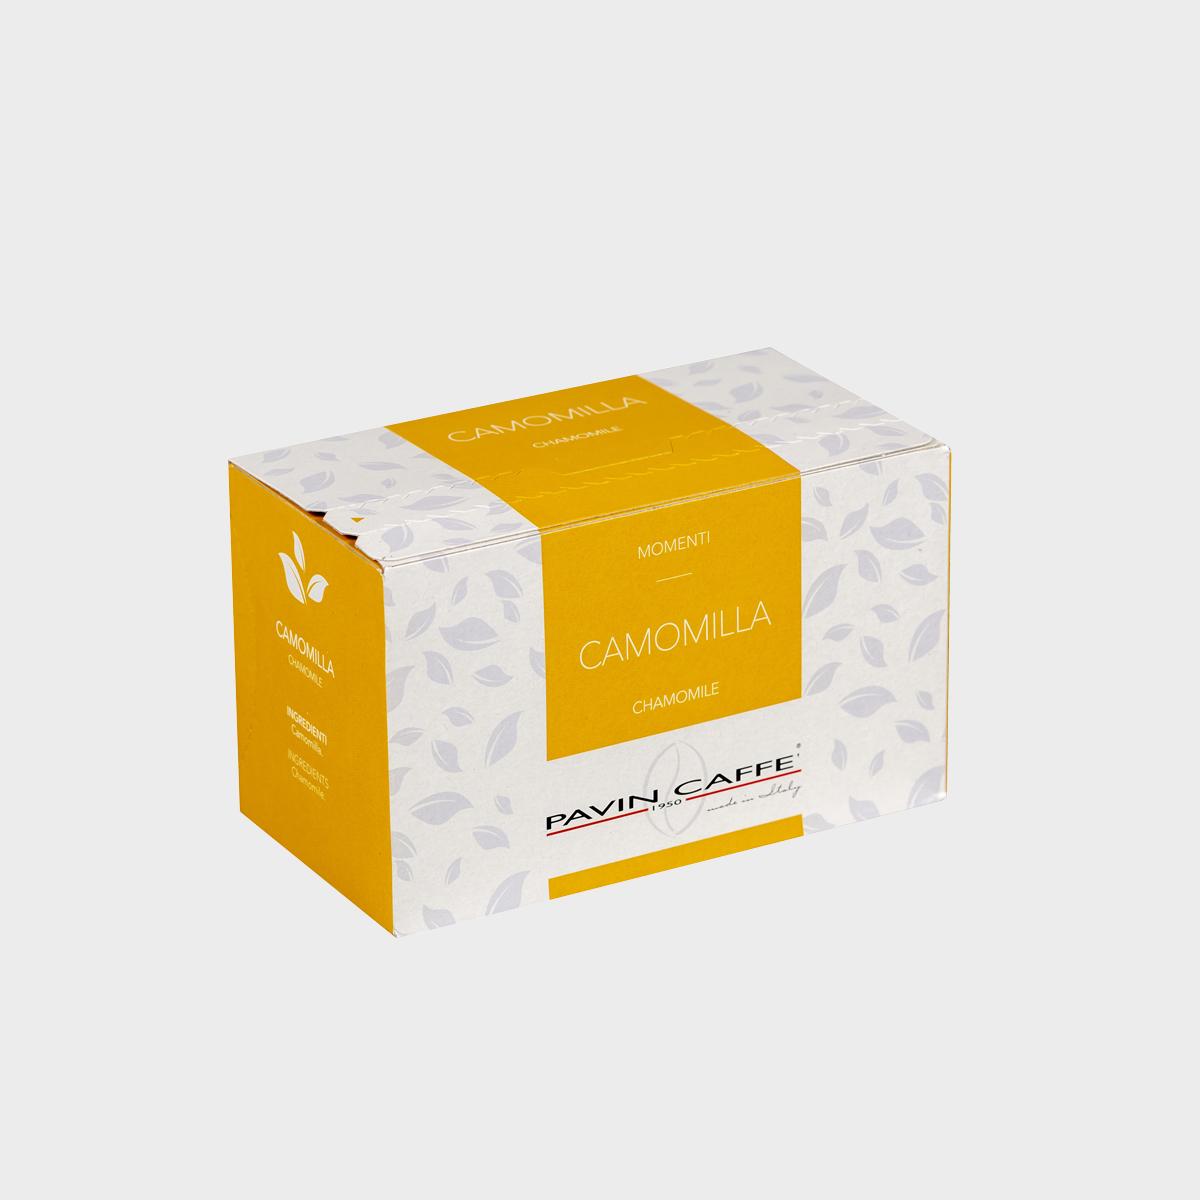 camomilla-pavin-caffe